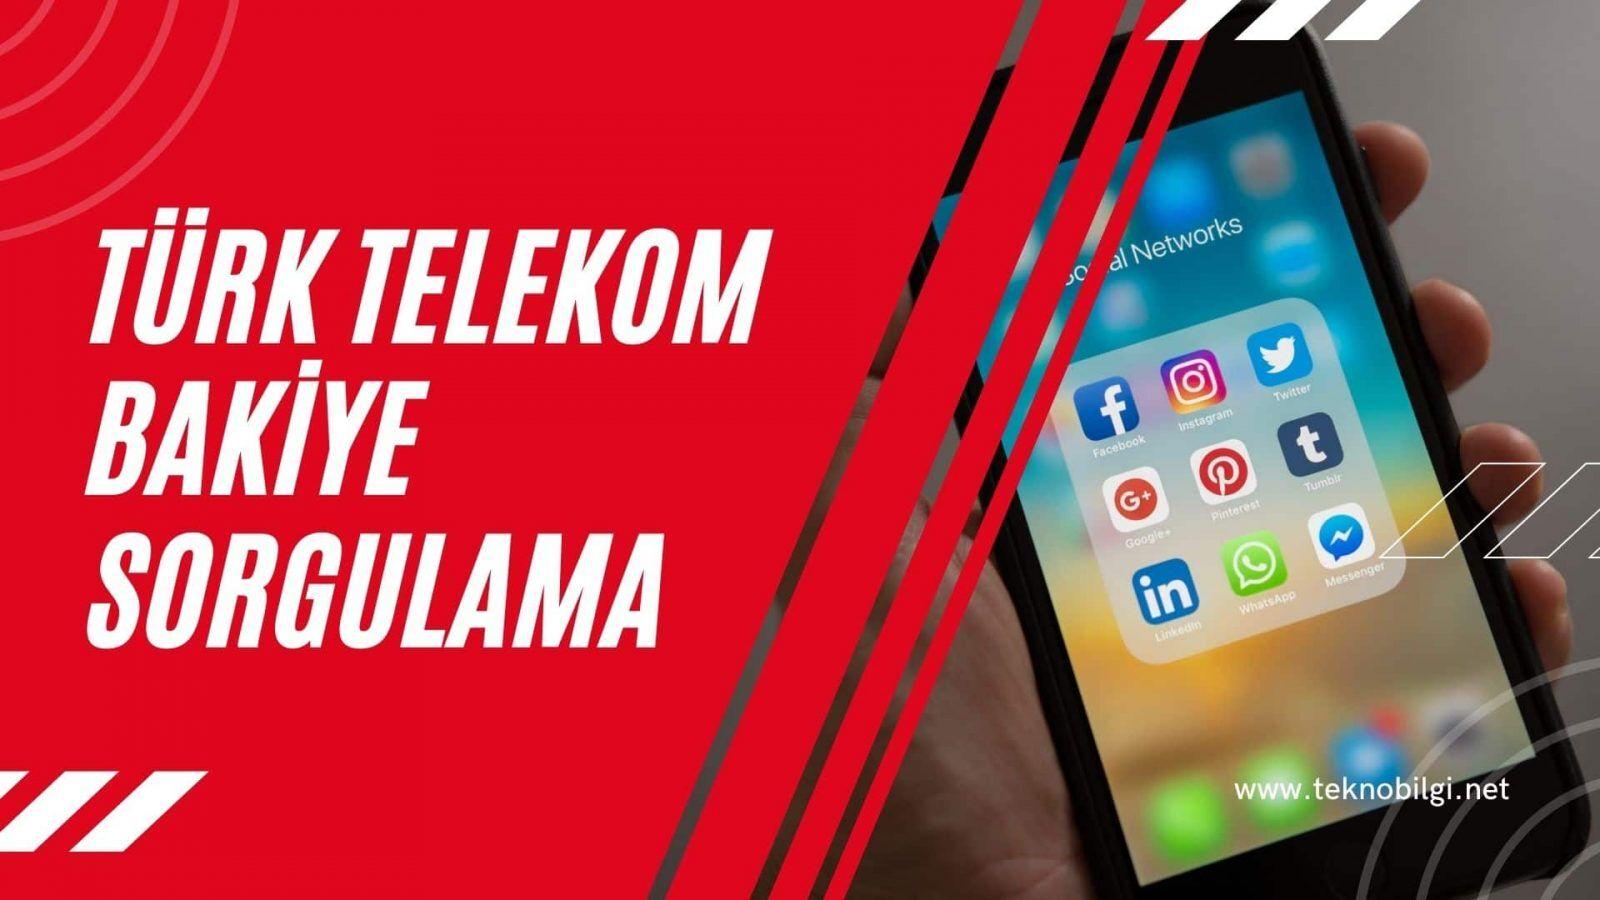 Türk Telekom Bakiye Sorgulama, Türk Telekom Bakiye Sorgulama